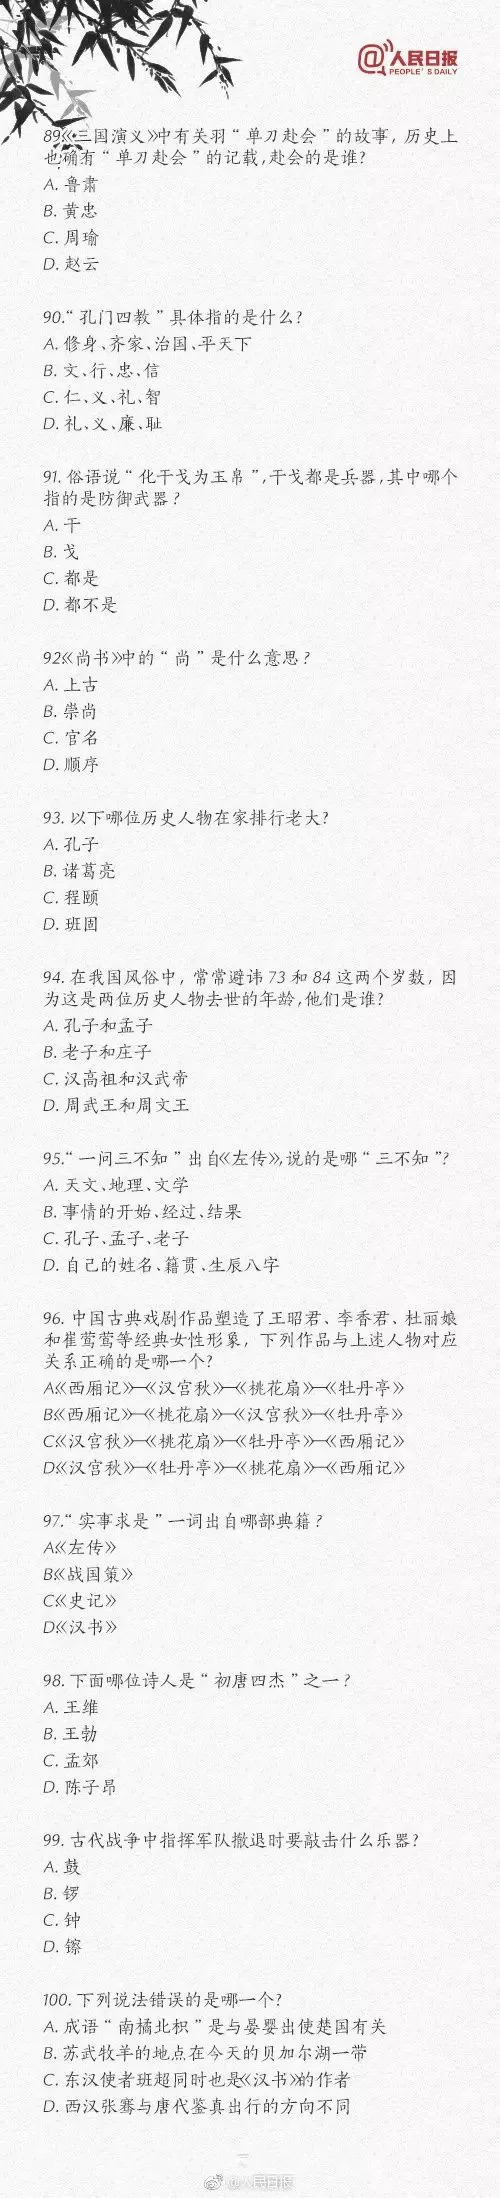 香港六马会开奖结果 9